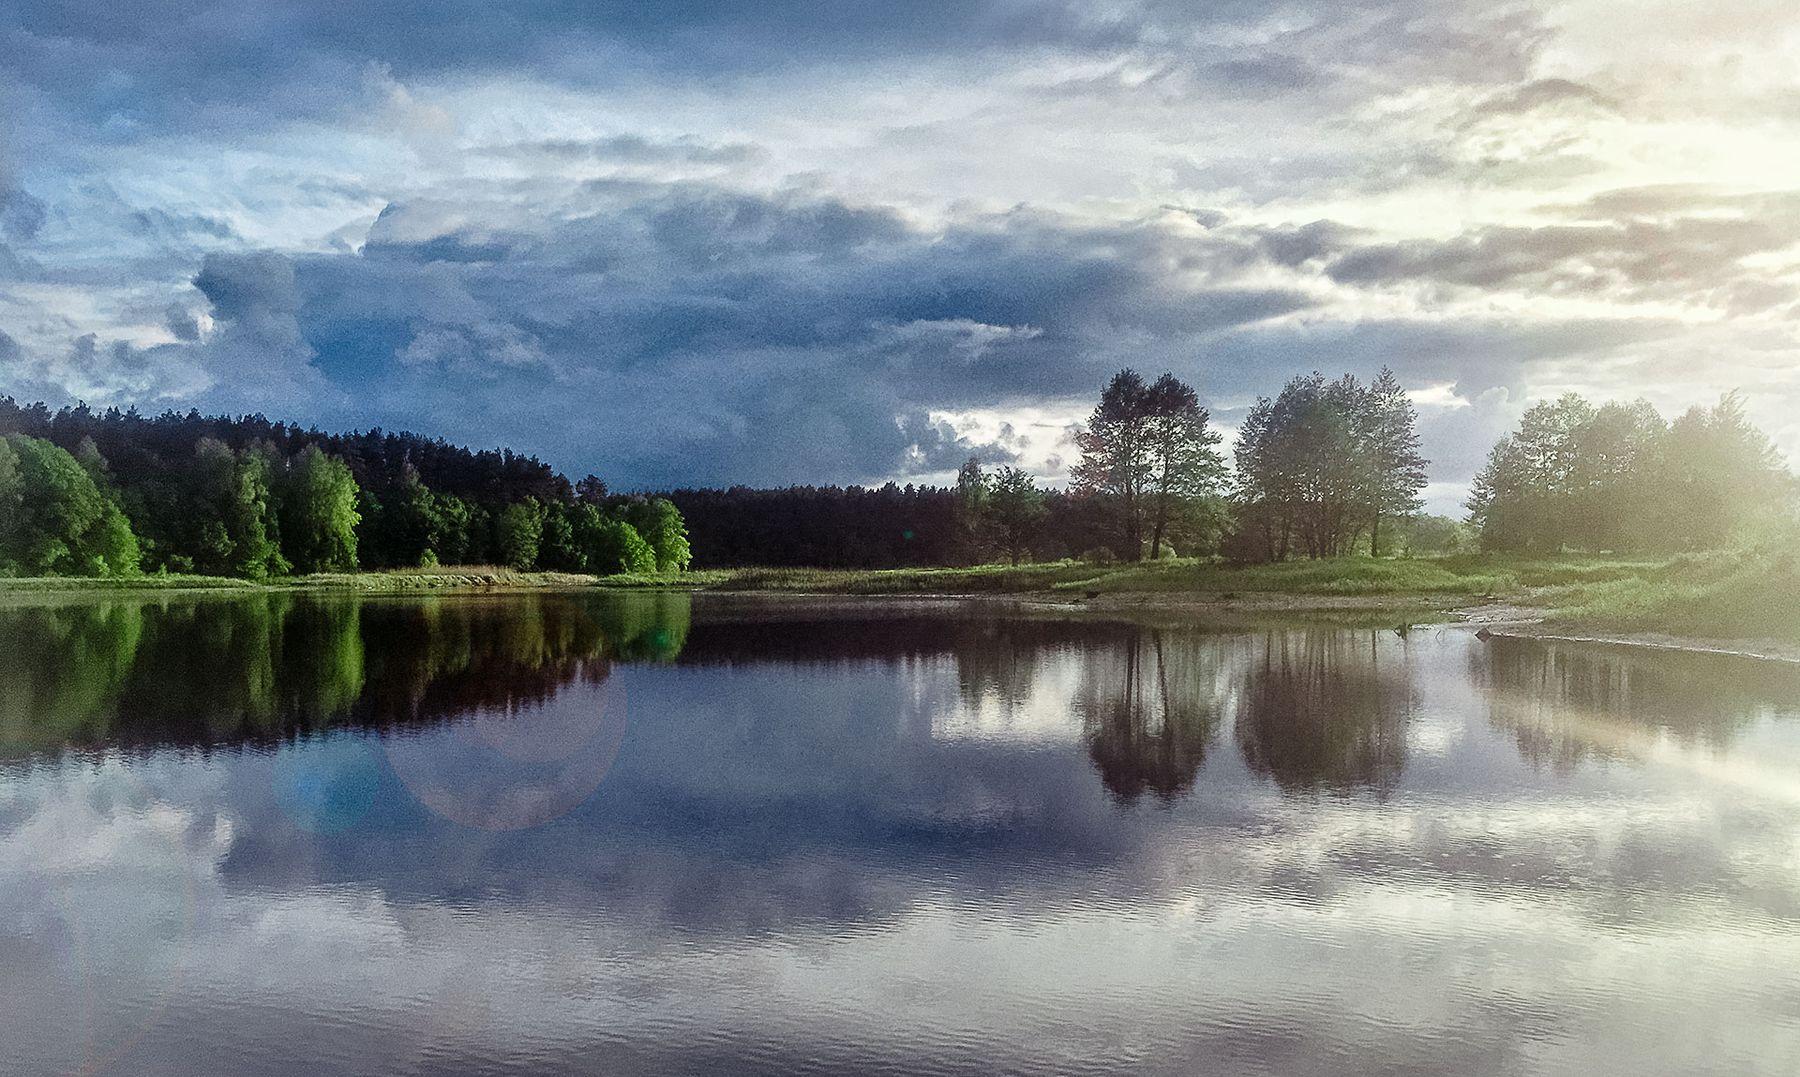 Отражение природы дерево деревья Житомир закат солнца небо облака отражение неба вода отраженье Житомирщина закатное солнце Житомирский фотограф Житомирське Полісся облаков